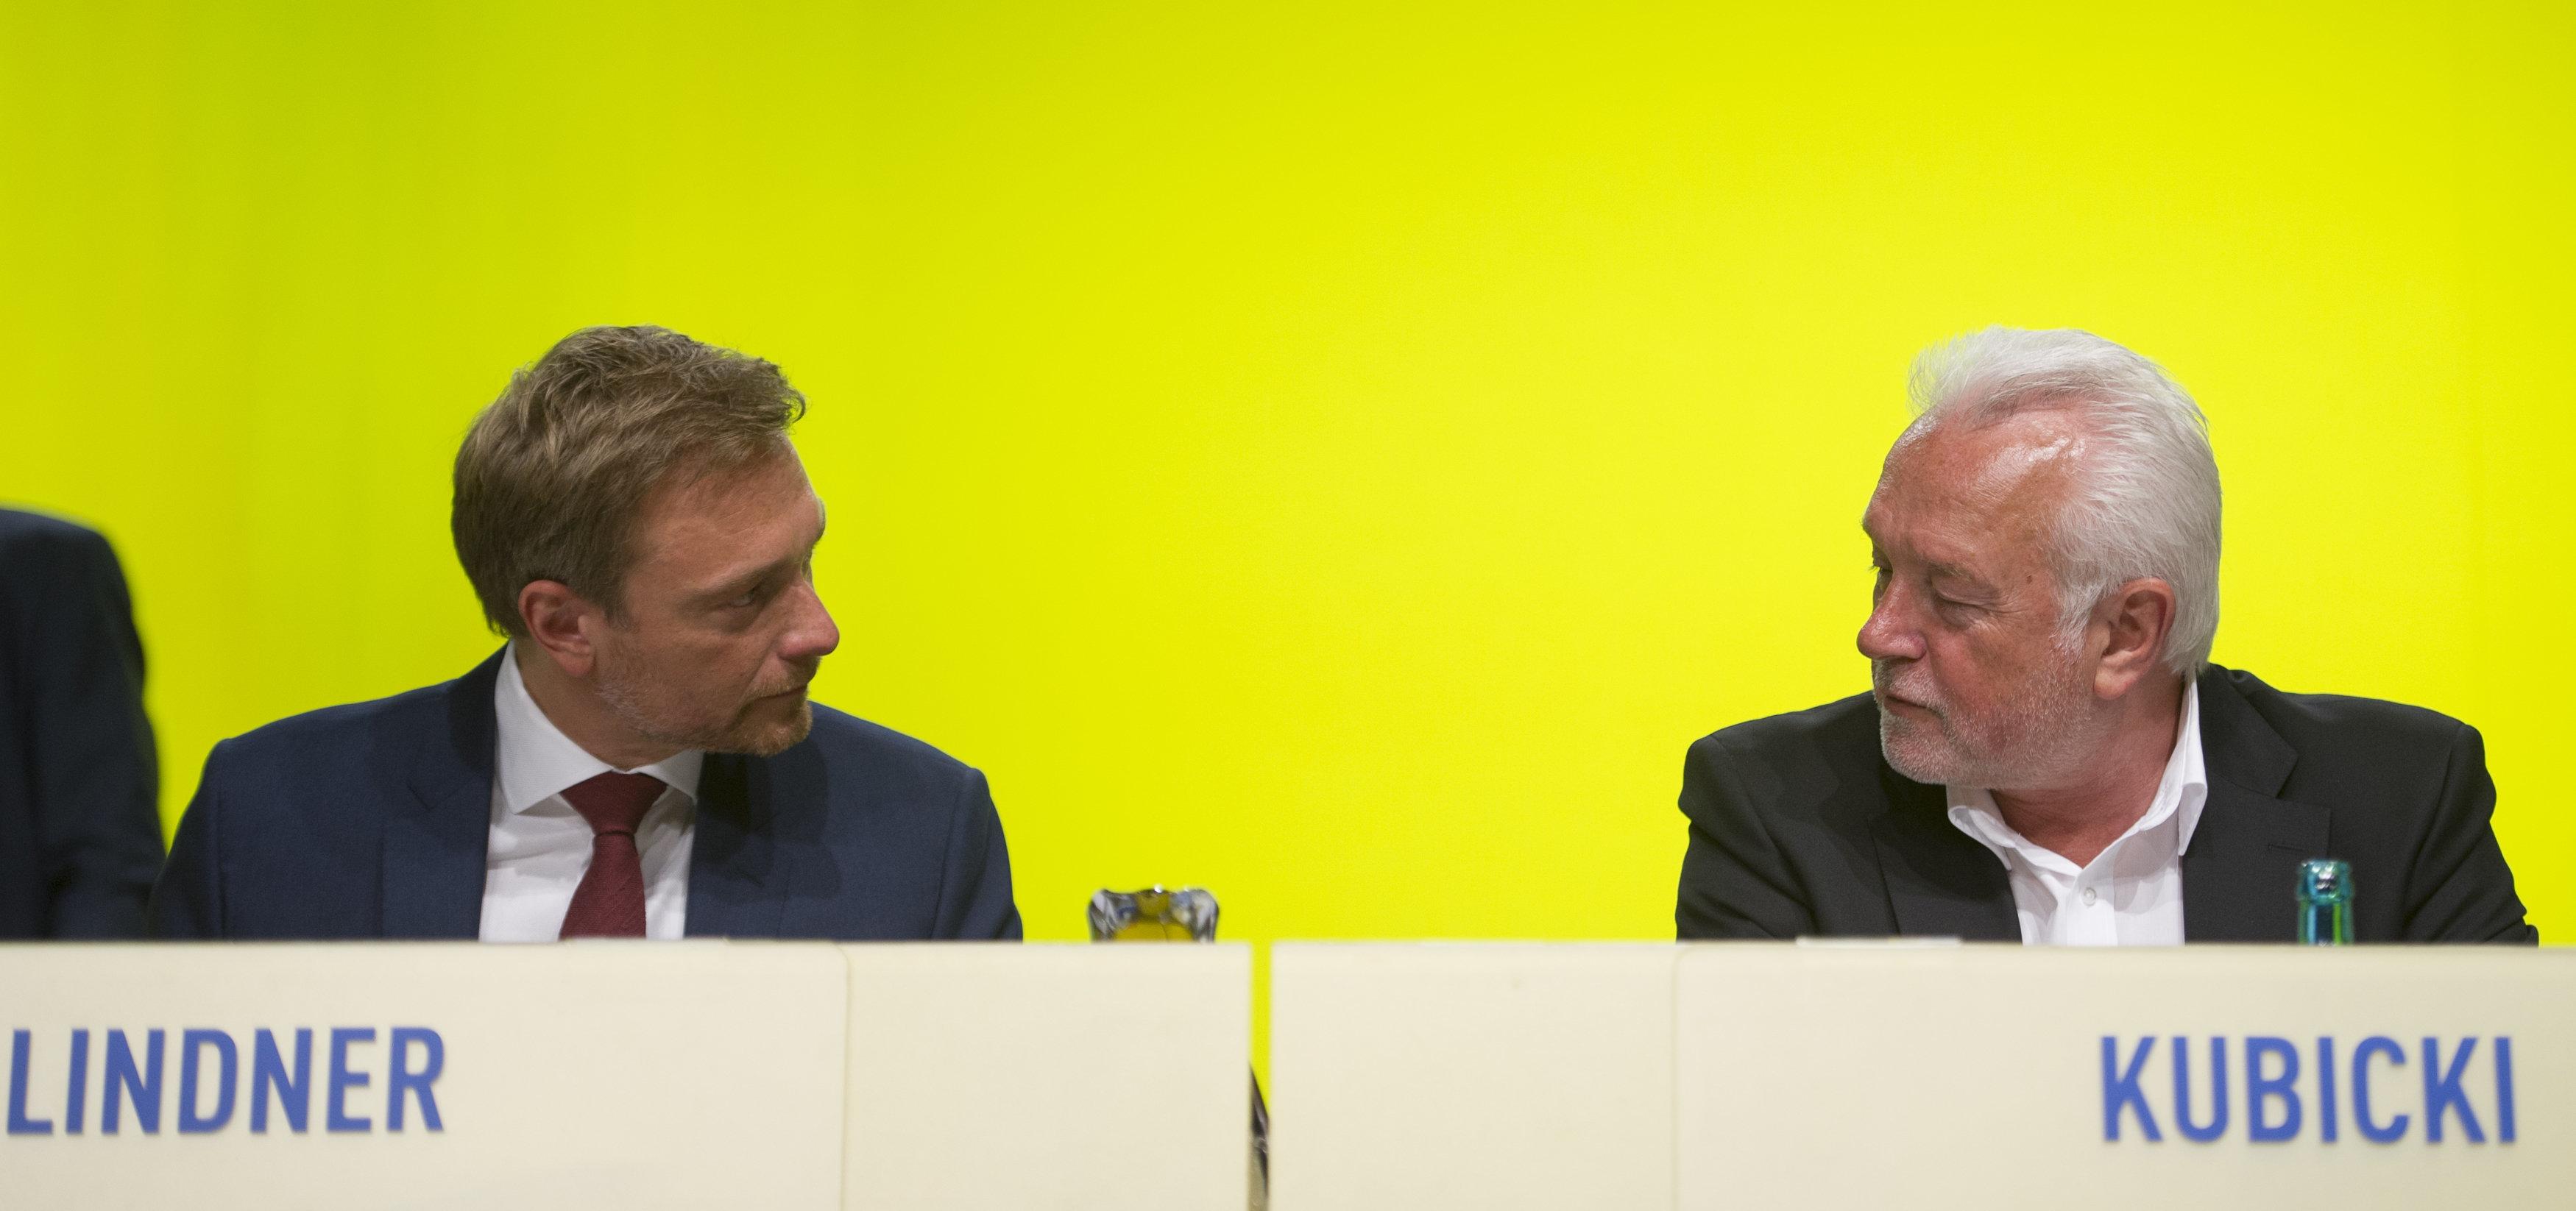 Streit um Russland-Sanktionen: FDP-Chef Lindner stellt sich gegen